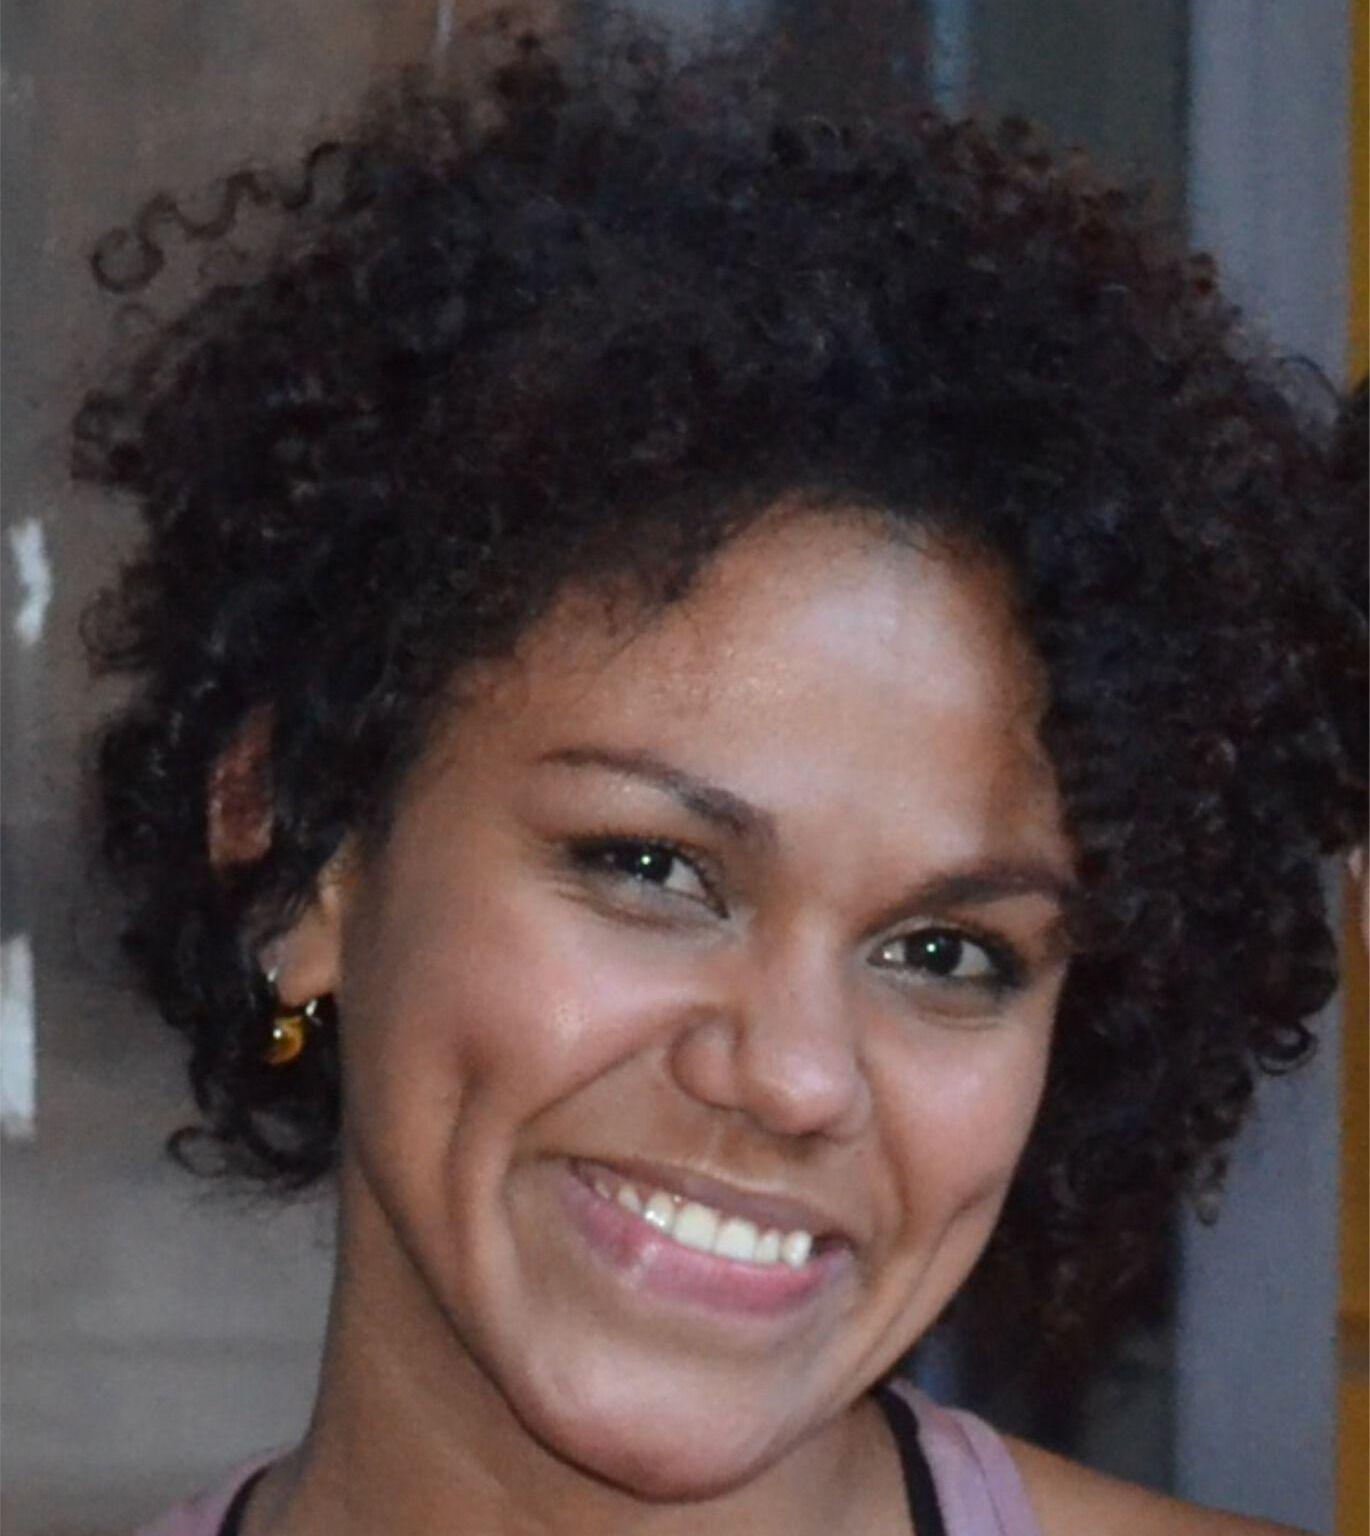 A brasileira Danielle Pereira de Araújo, doutora em Ciência Política pela Unicamp e investigadora na Universidade de Coimbra